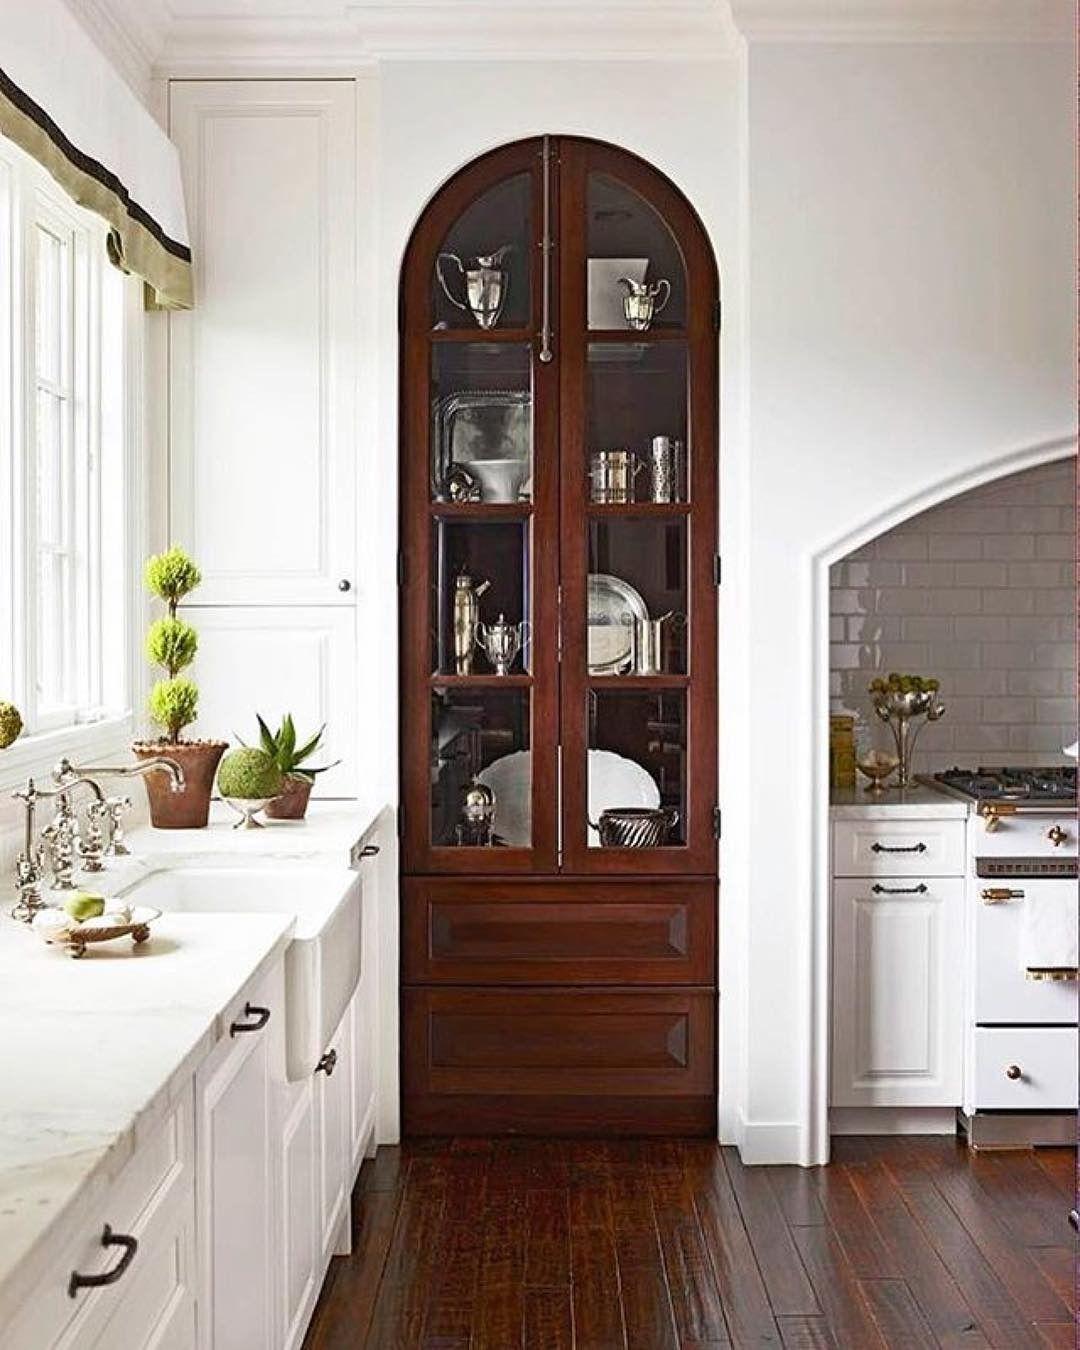 Innenarchitektur Küche, Küchen Design, Ideen Für Die Küche, Vintage Küchen,  Einbauschränke, Vitrinenschränke, Moderne Küchen, Weiße Küchen